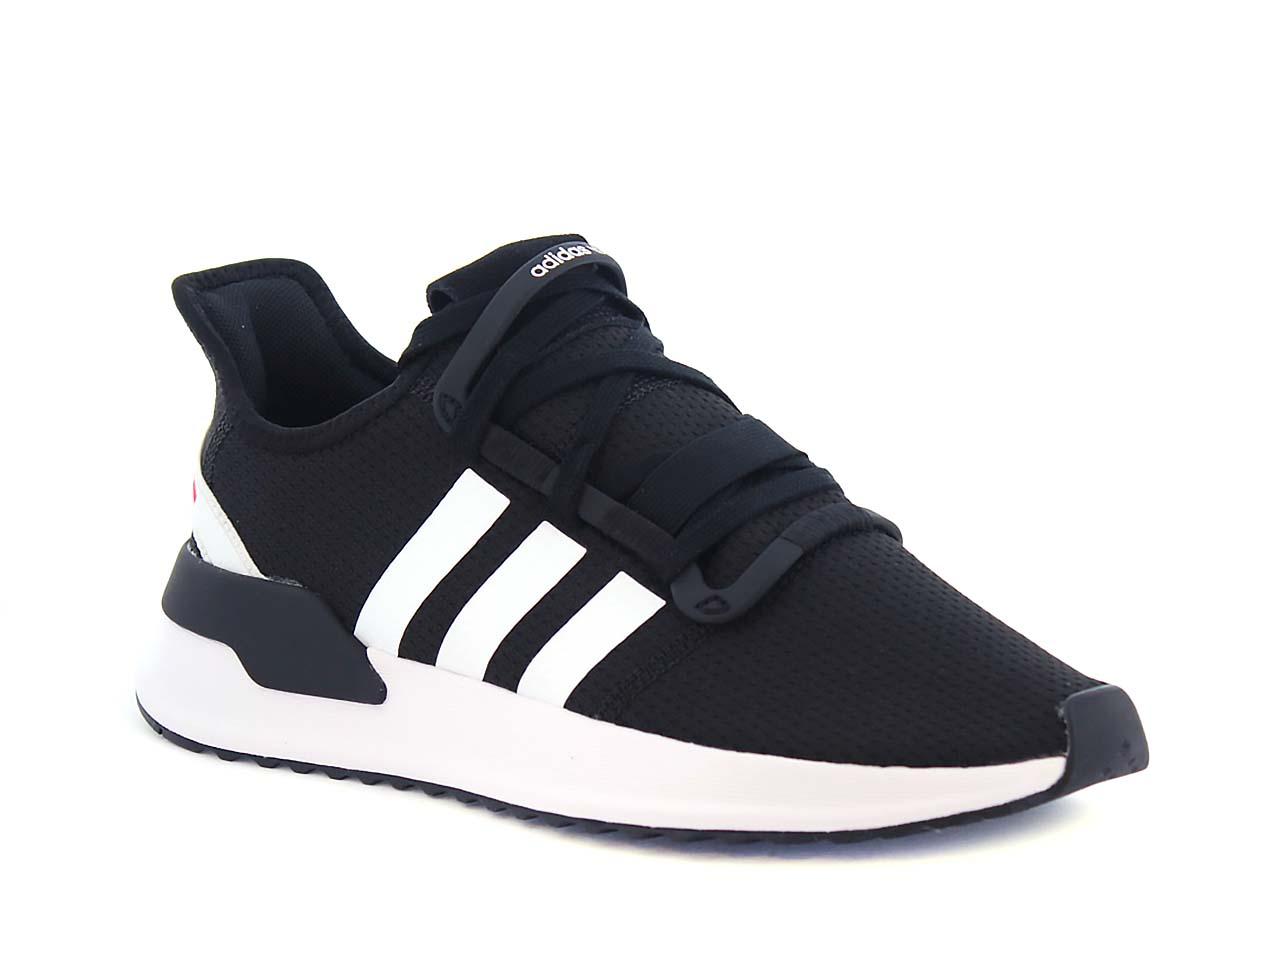 Billiga Adidas Skor Köpa Online | Hitta Närmaste Butik i Sverige